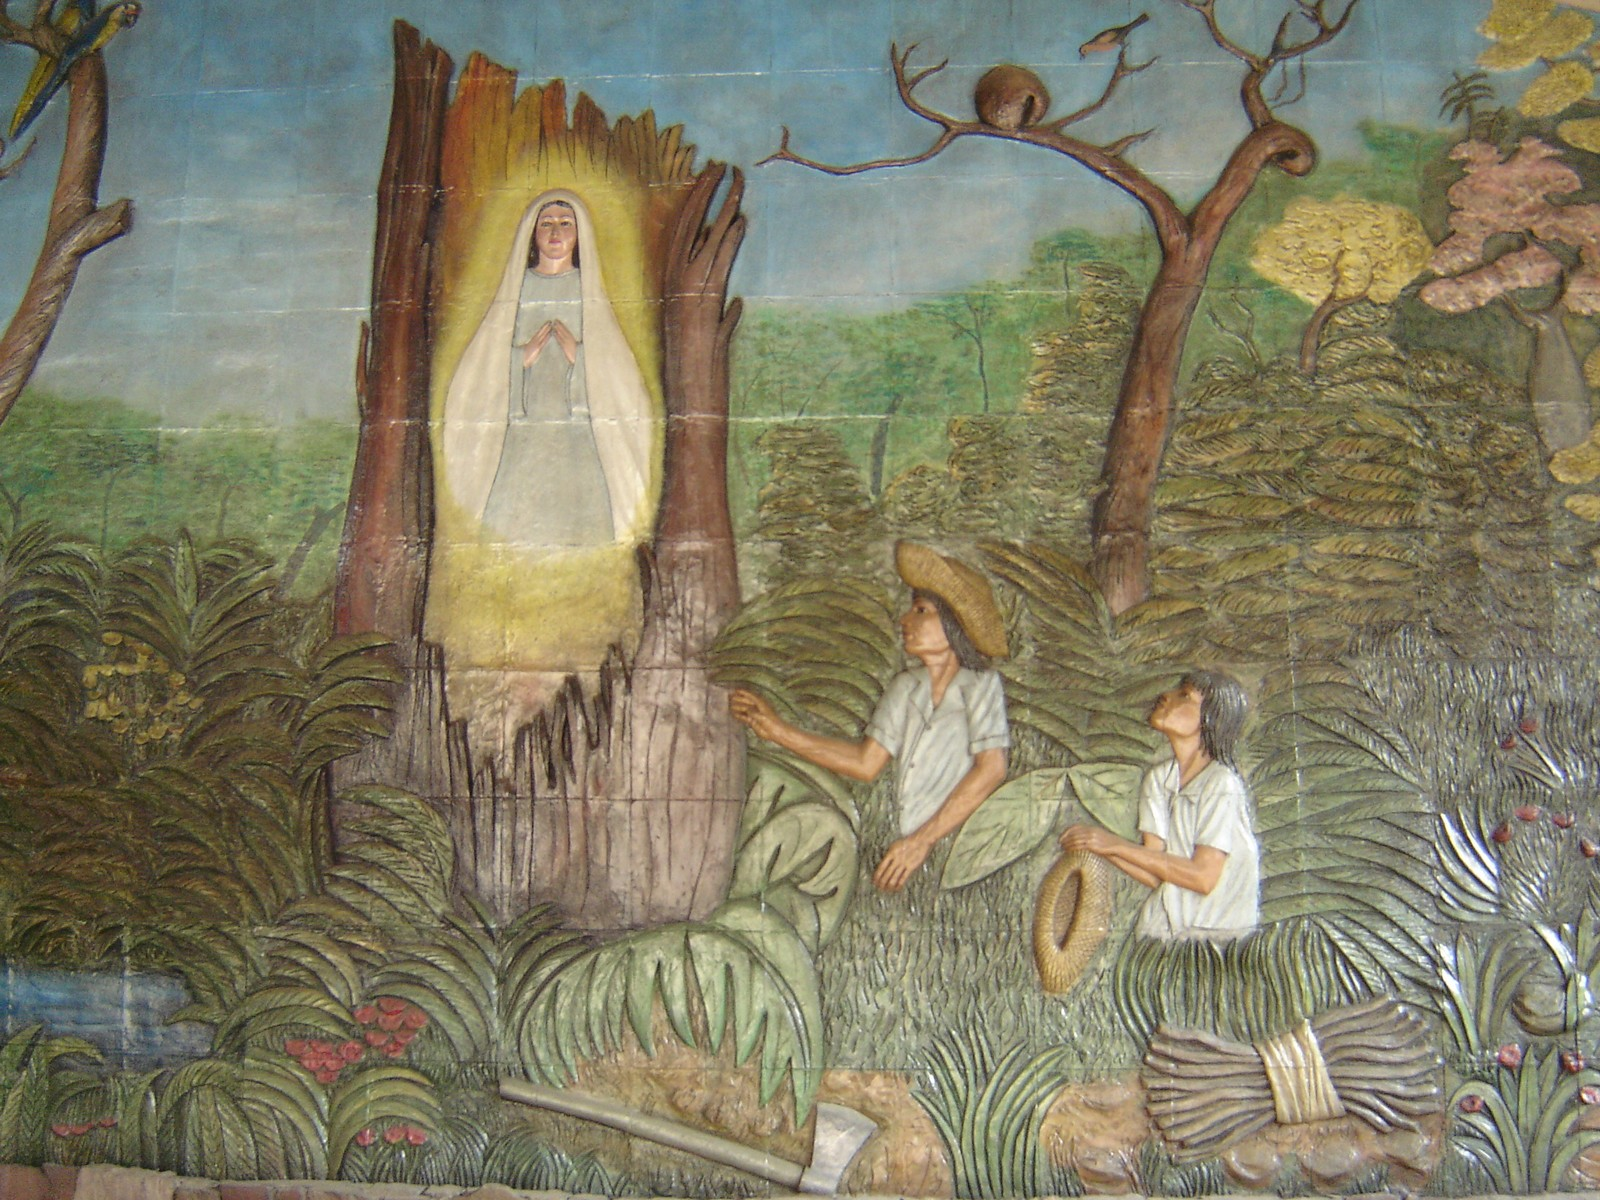 Virgen de Cotoca, Hallada en un Tronco de un Árbol, Bolivia (8 dic)